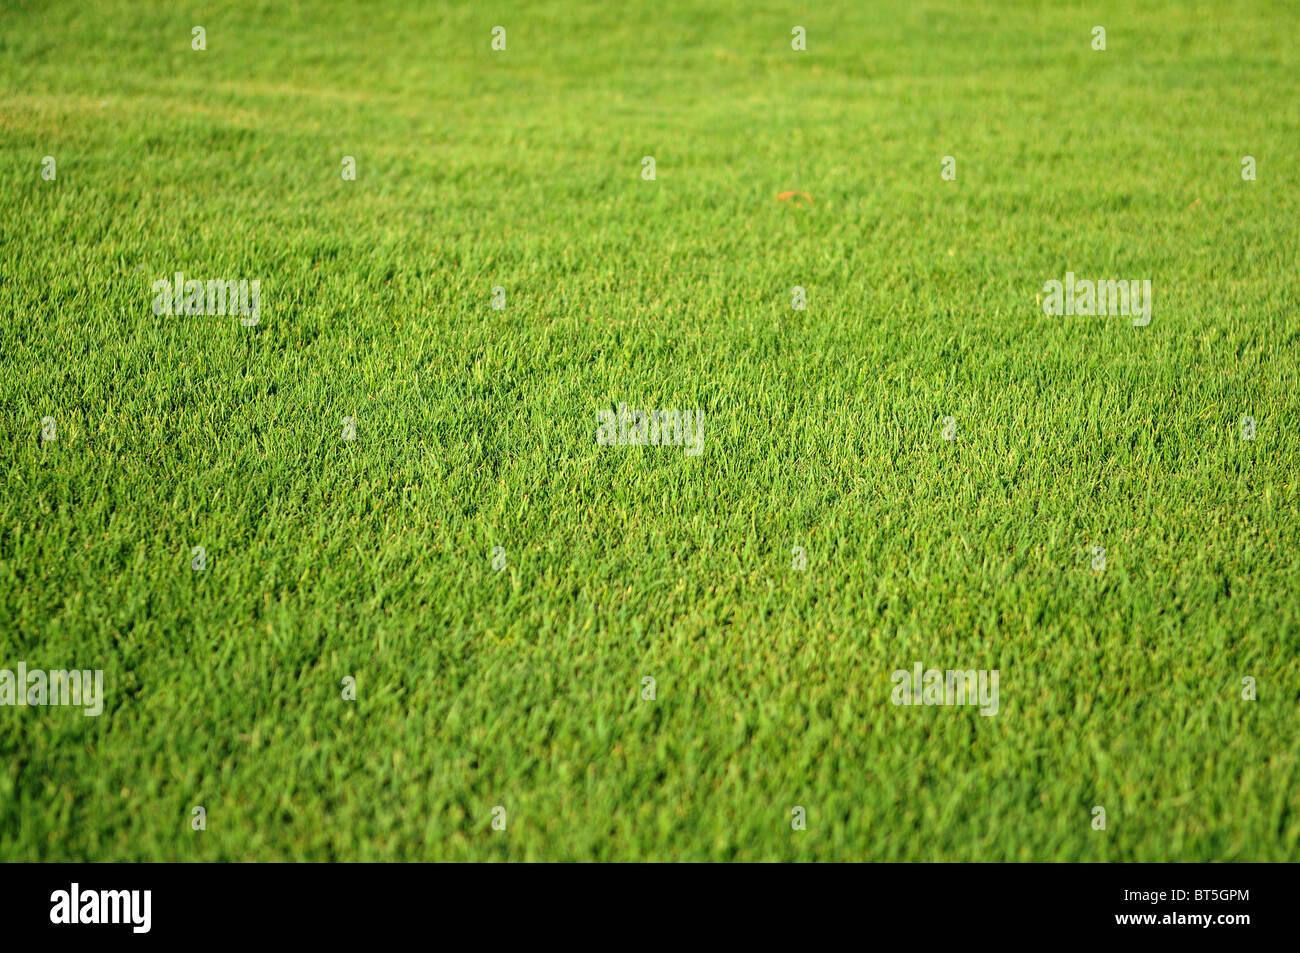 La hierba verde, fondo profundo de enfoque superficial Imagen De Stock